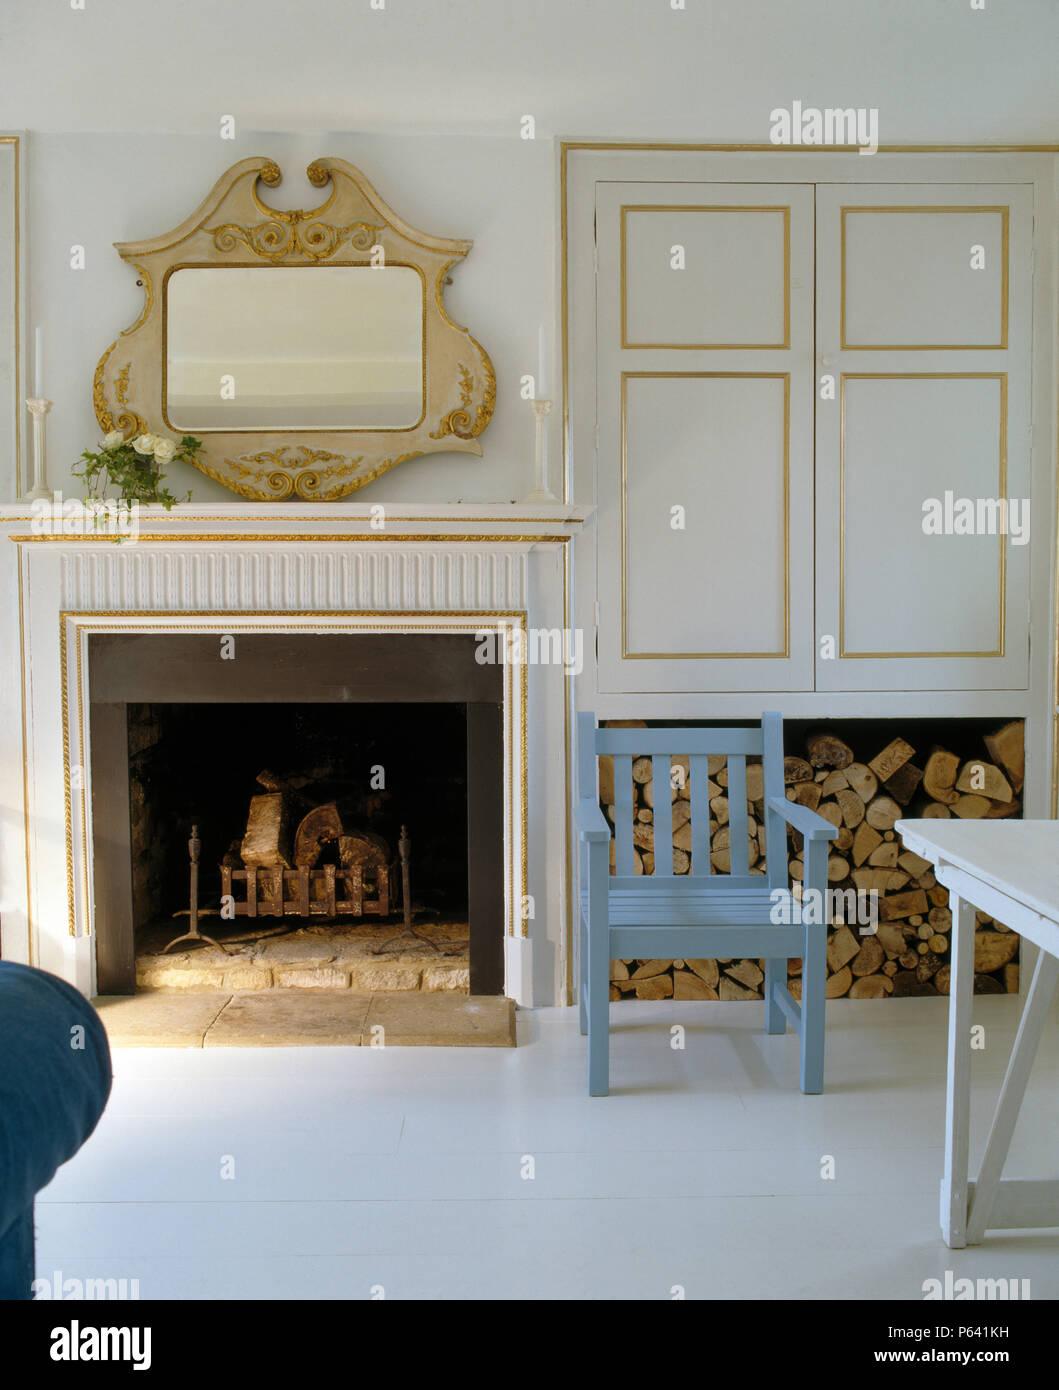 Miroir en bois orné au-dessus de cheminée dans un salon contemporain ...